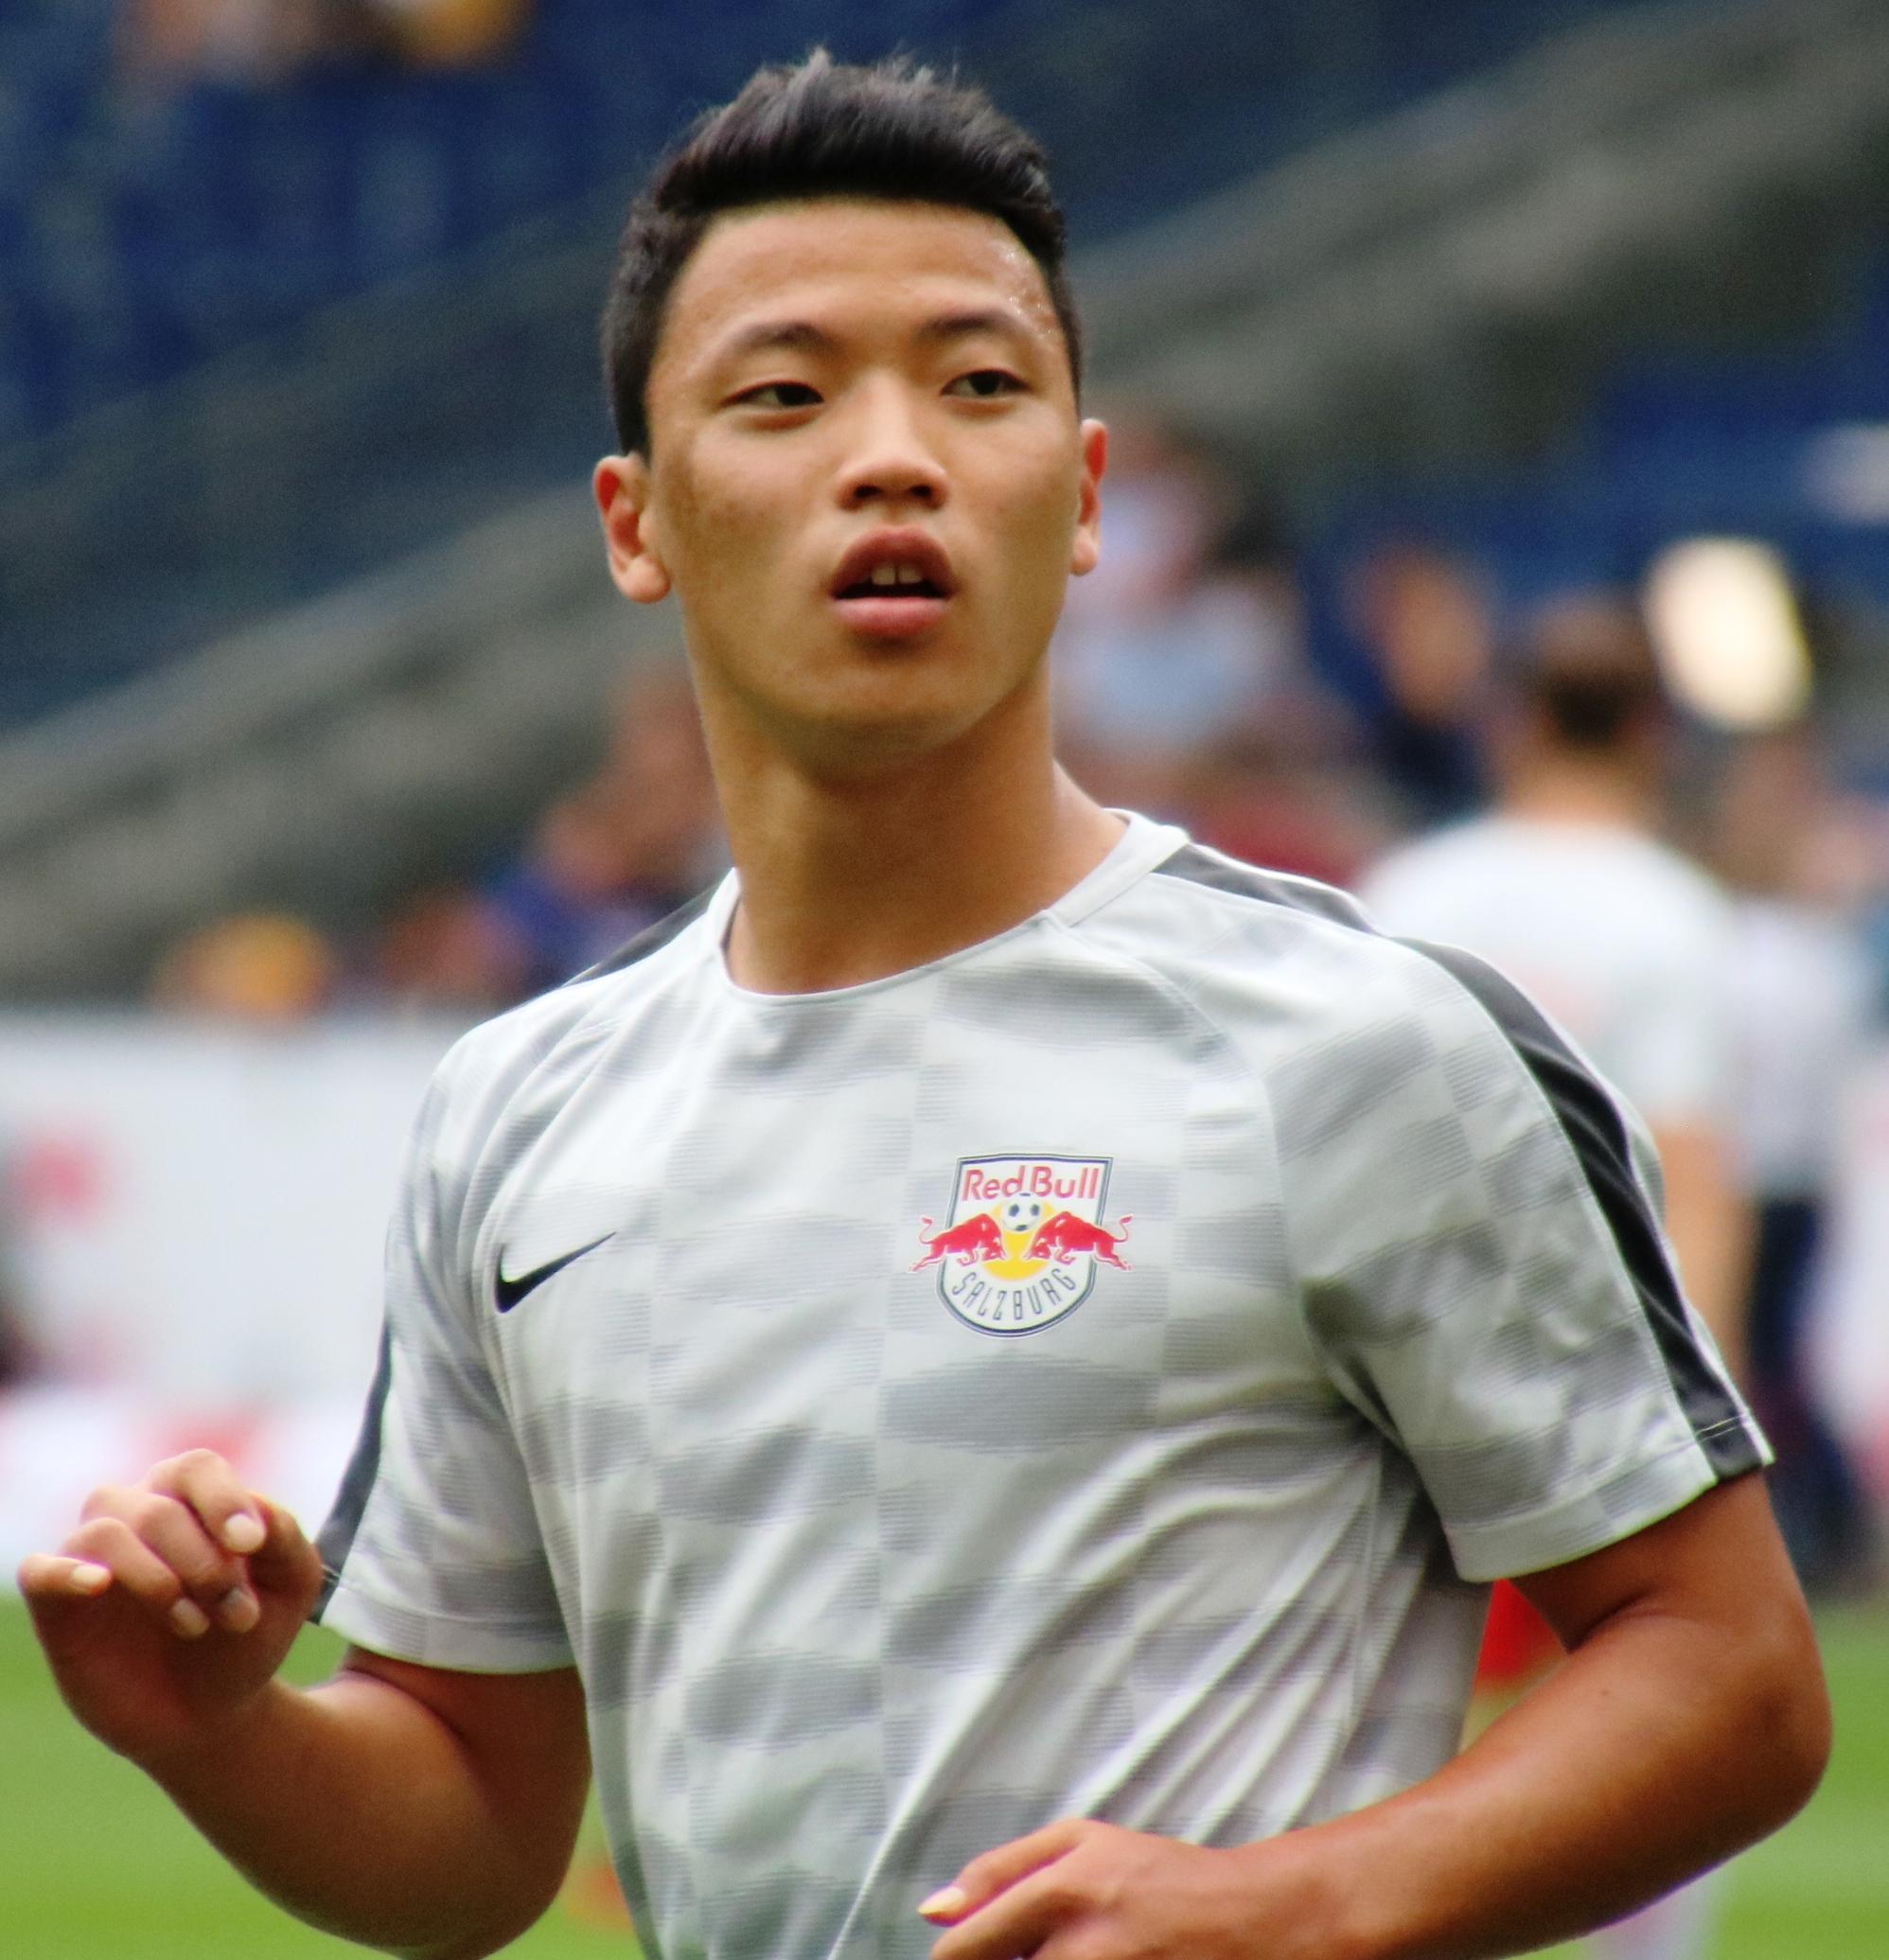 Lask Gegen Fcb: File:FC Red Bull Salzburg Gegen LASK (29. Juli2017) 11.jpg